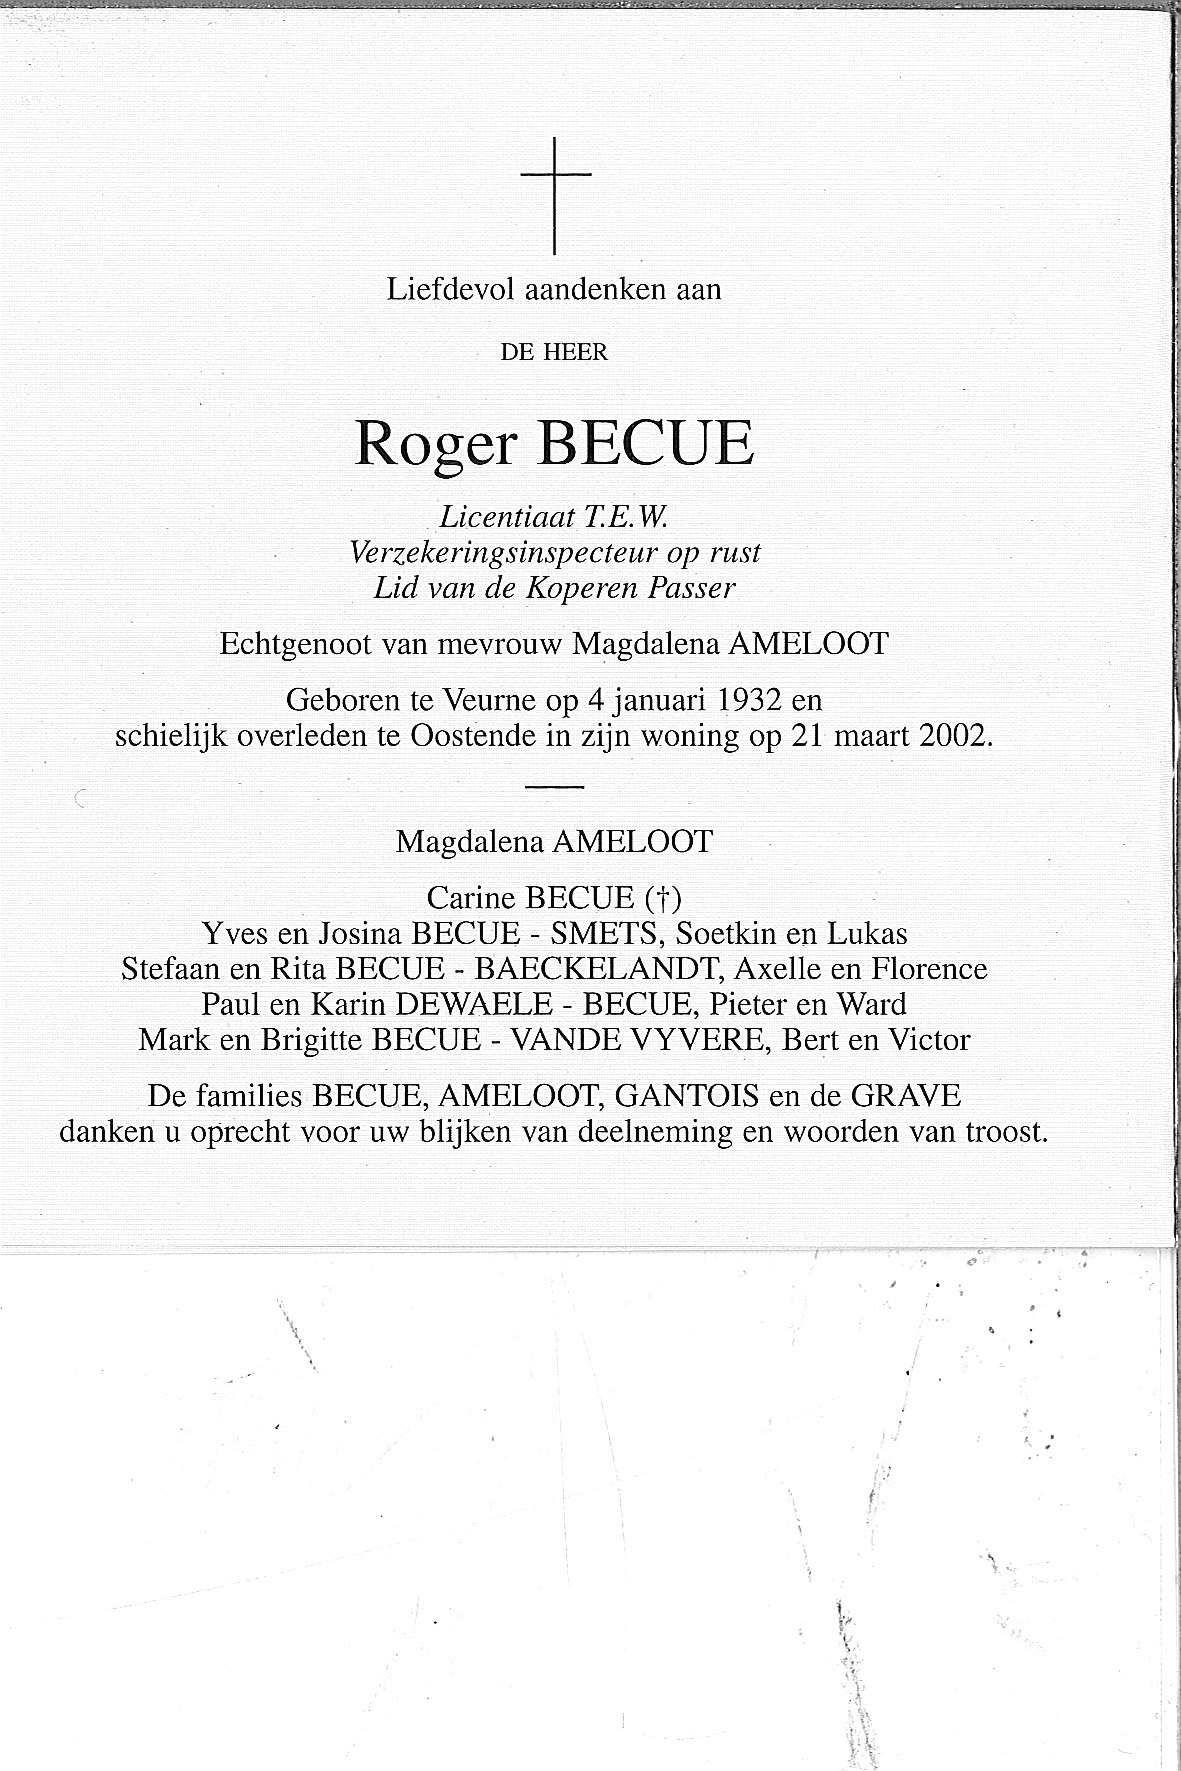 Roger(2002)20130829095800_00067.jpg